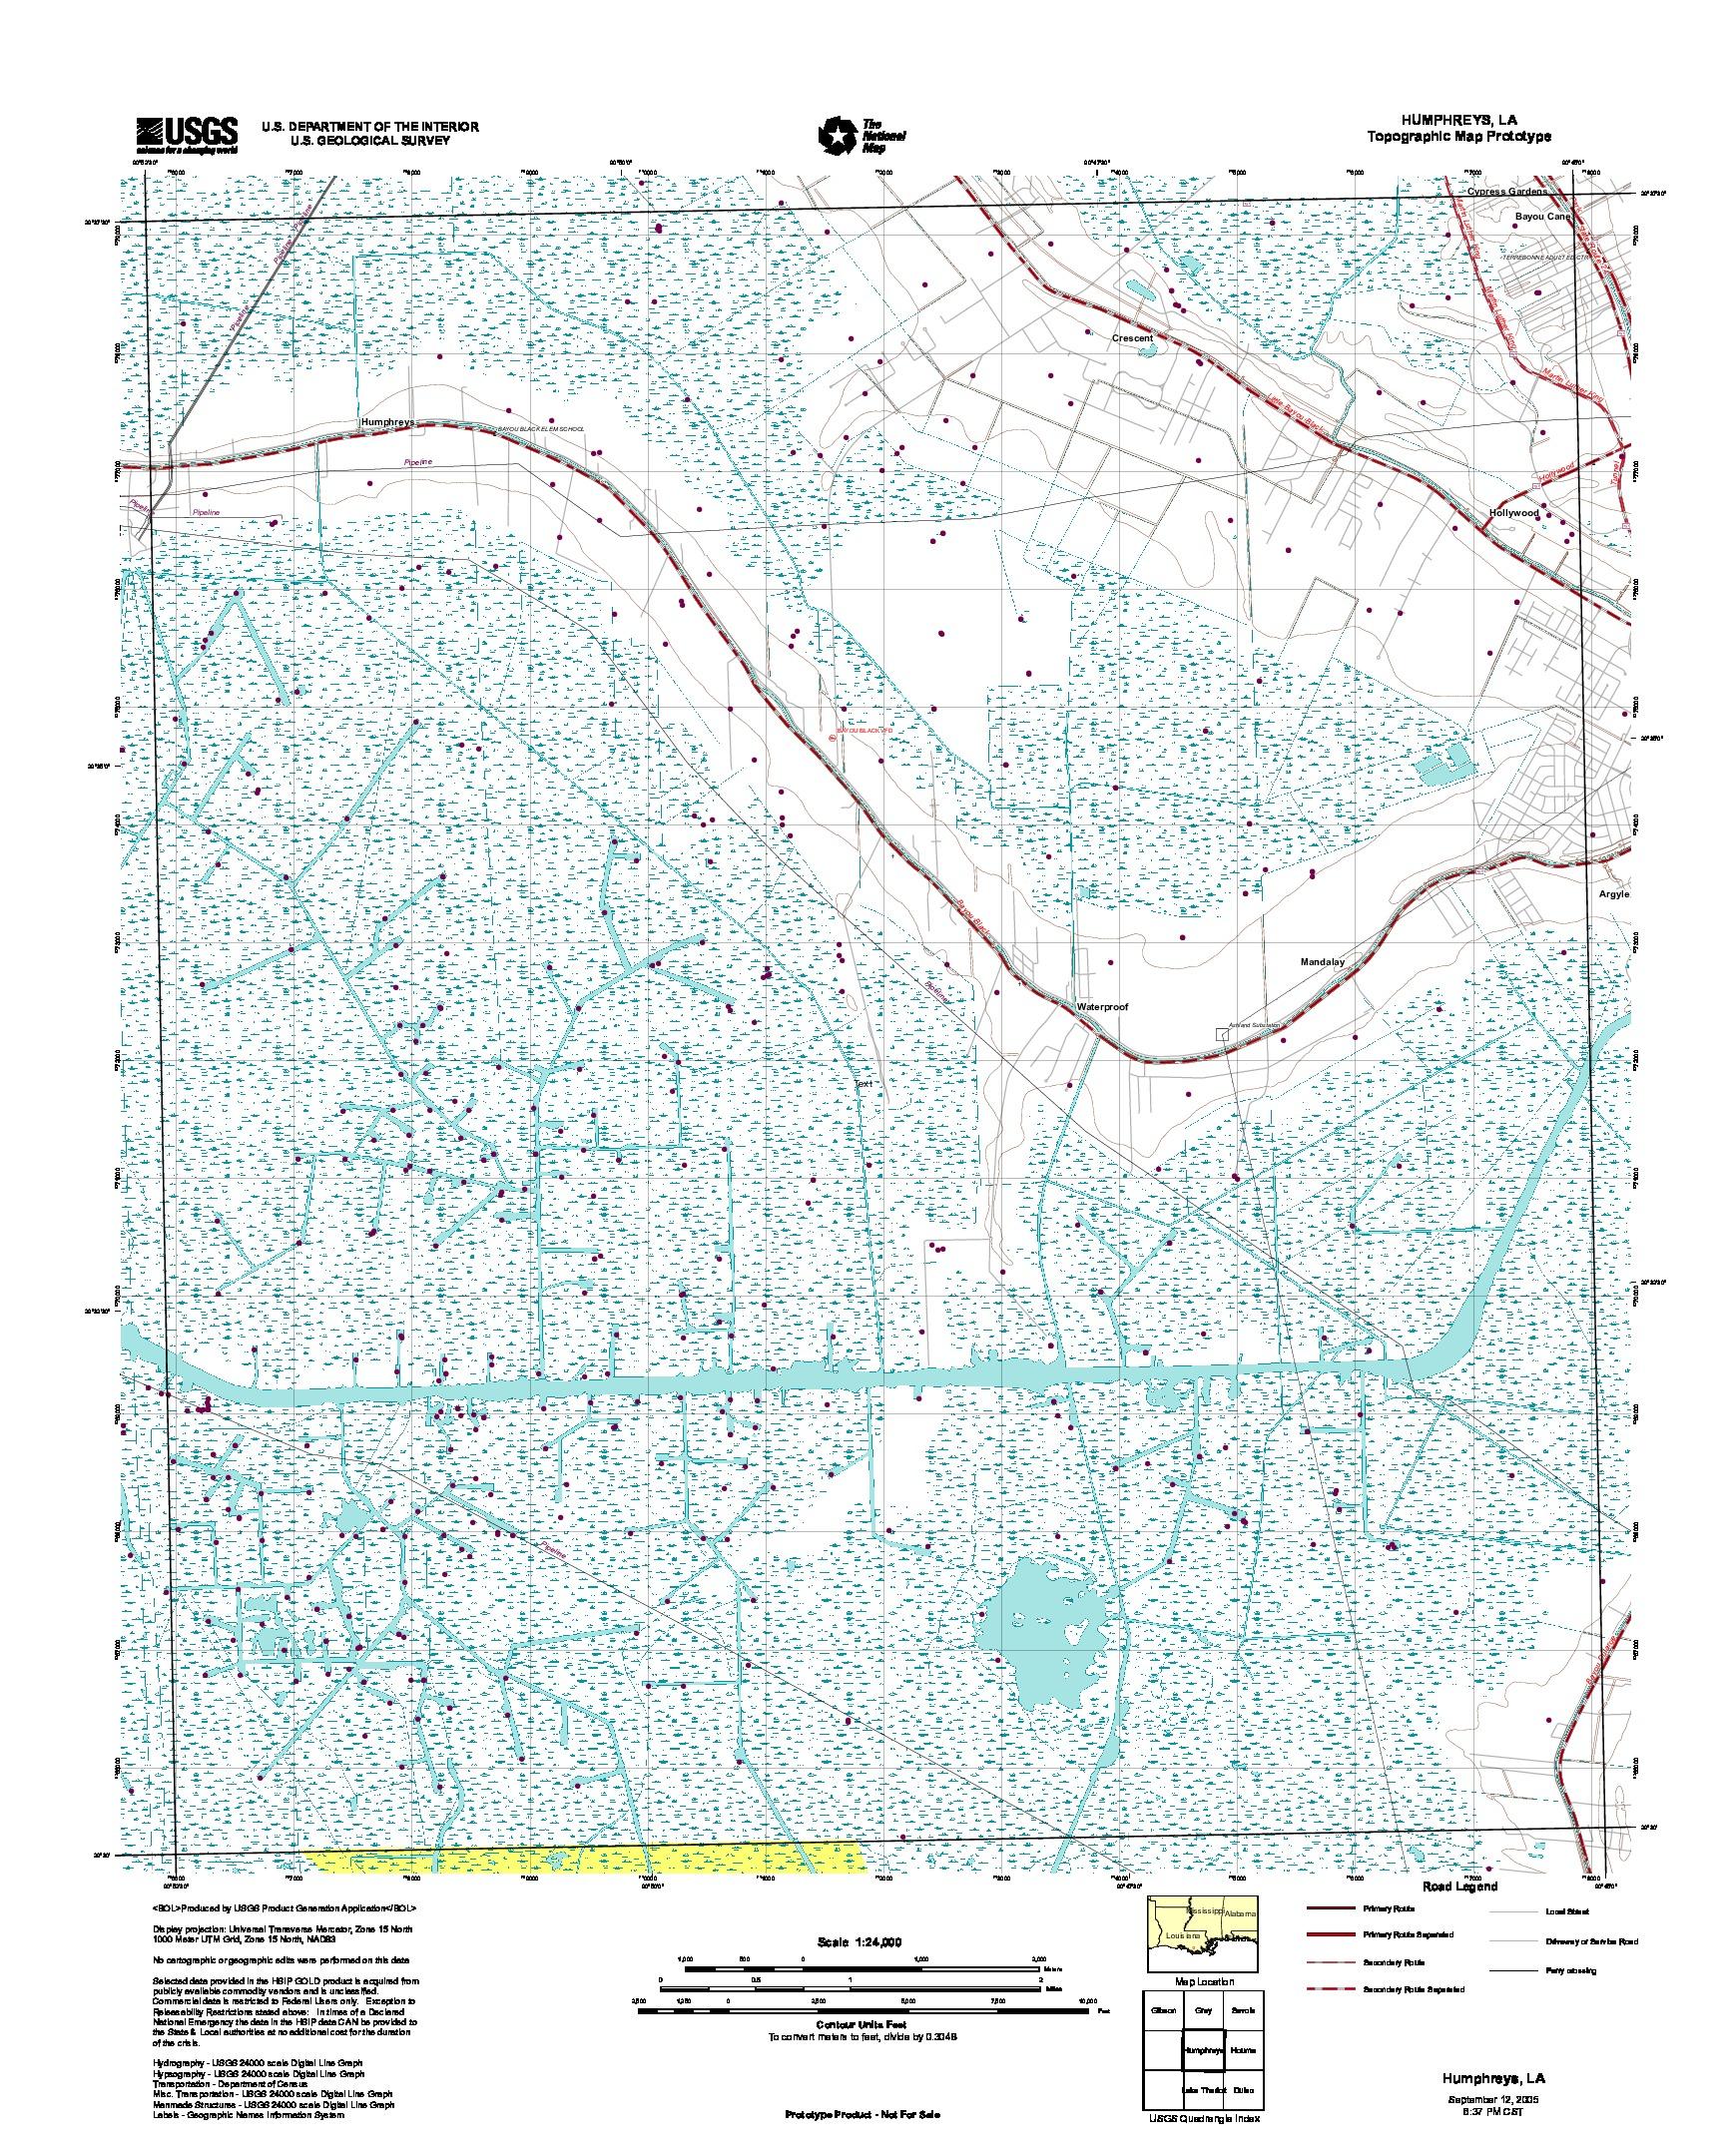 Prototipo de Mapa Topográfico de Humphreys, Luisiana, Estados Unidos, Septiembre 12, 2005